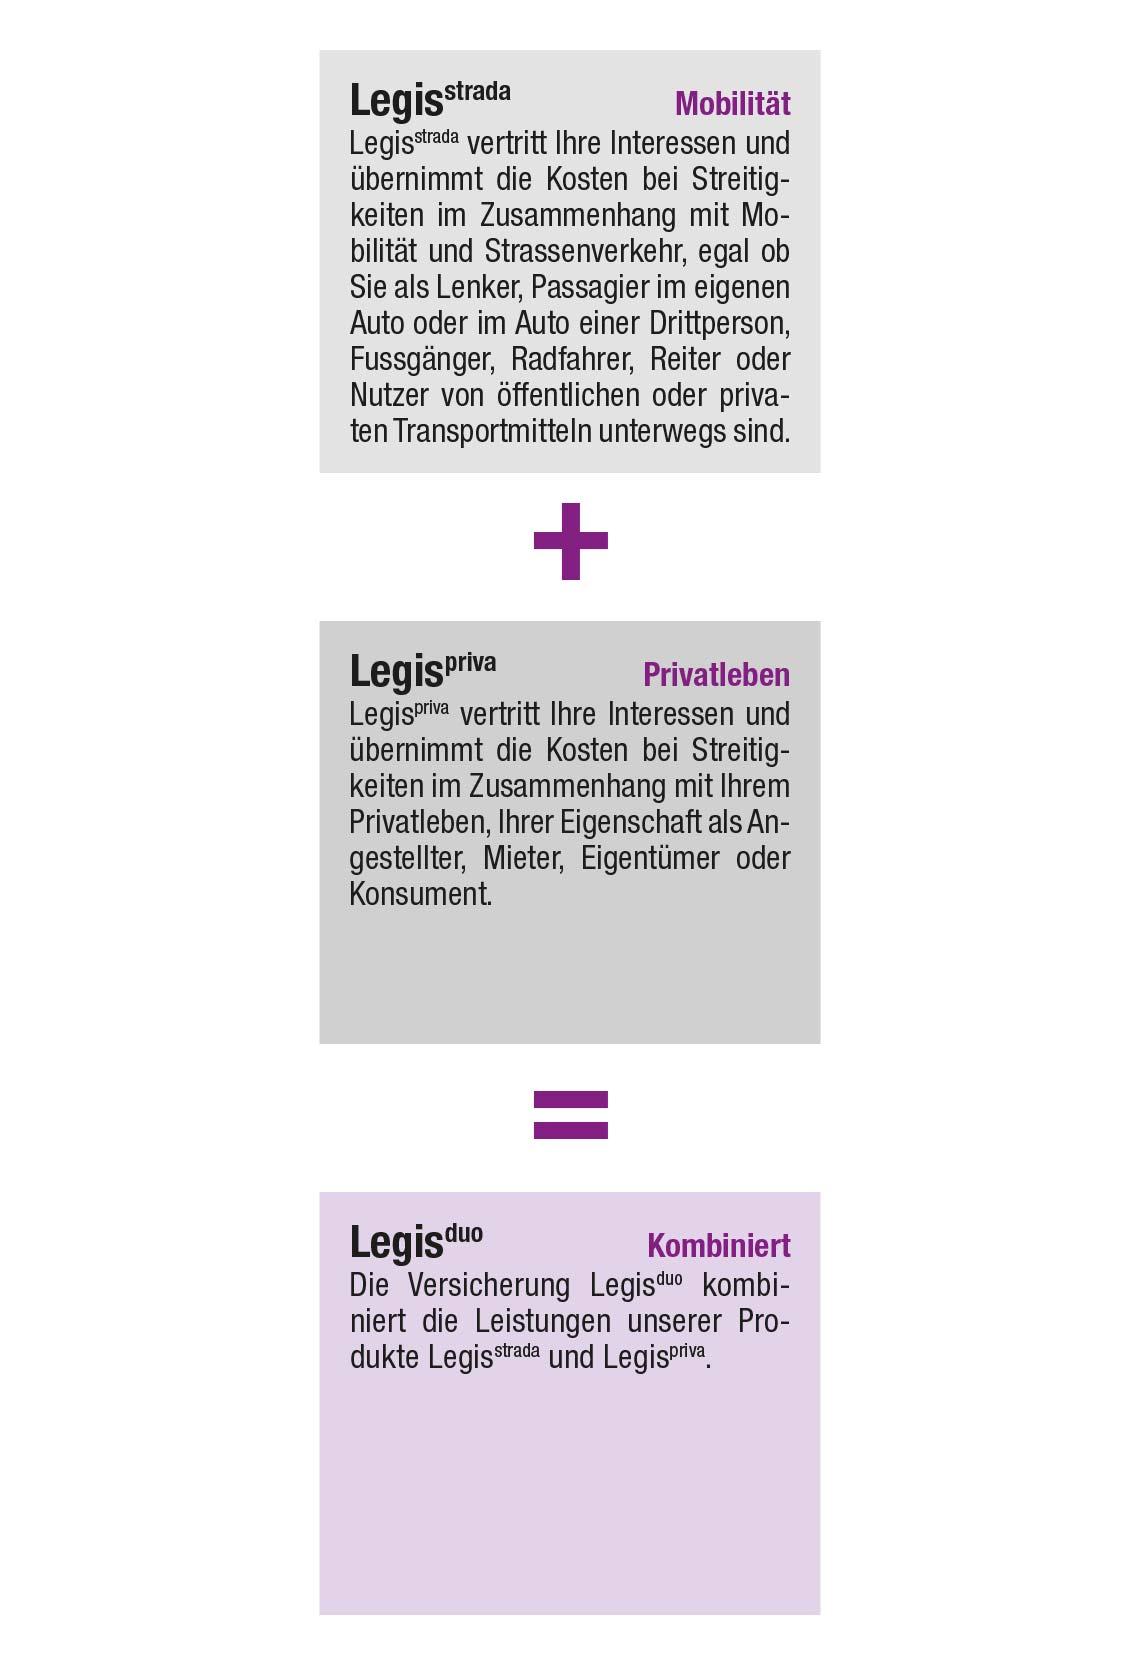 Legisduo: Kombination der Mobilitäts- und ...